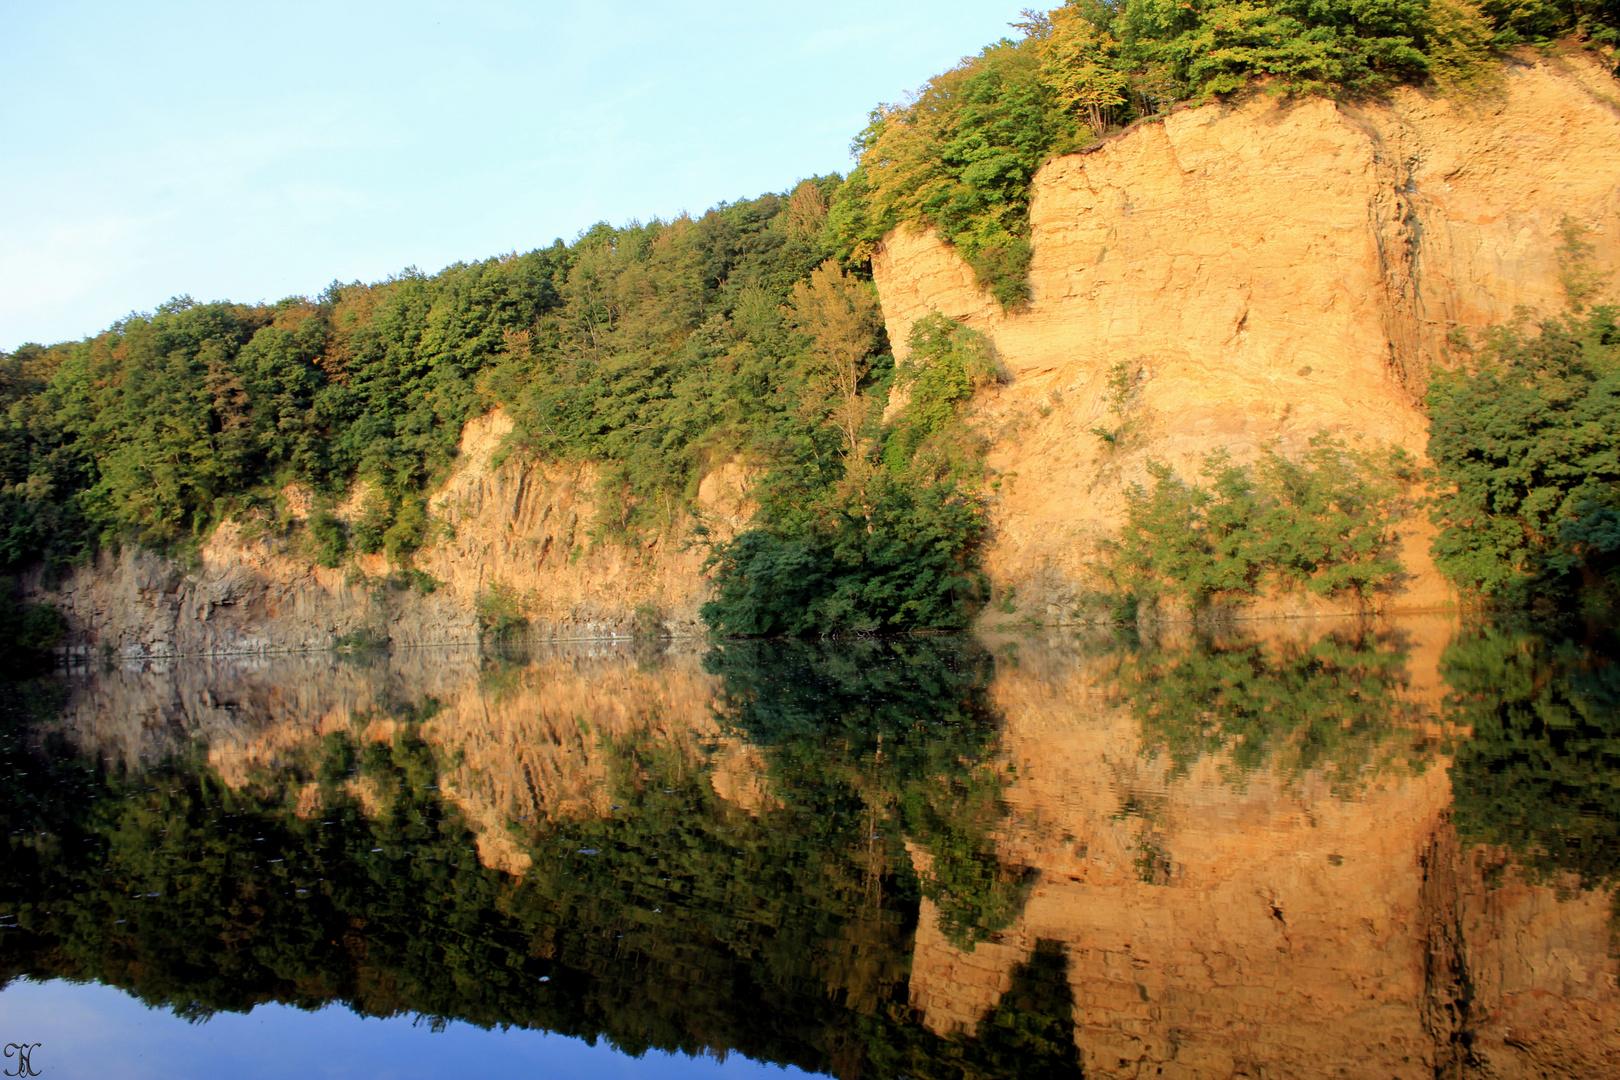 Dornheckensee Foto & Bild | deutschland, europe, nordrhein